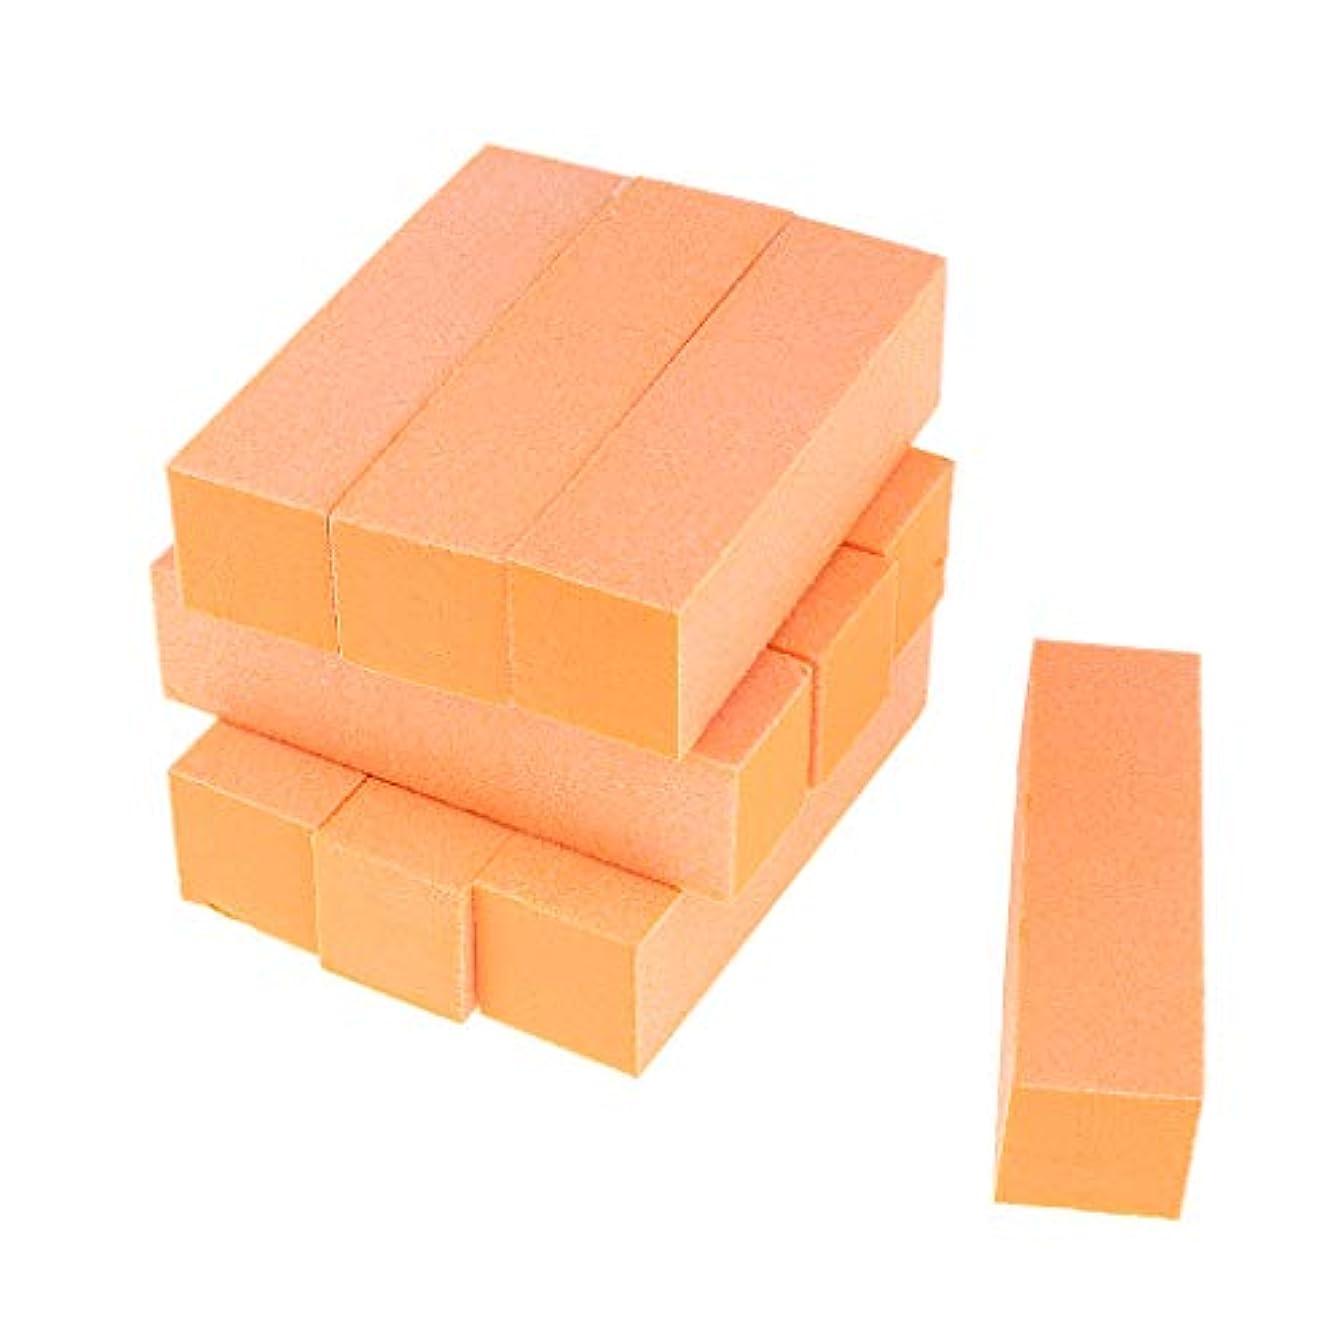 密度長いです魅力的であることへのアピールToygogo 両面ネイルバッファーネイルシャイナースポンジネイルファイルサンディングブロック-ソフト&シルキー、10個-作成された滑らかで美しいネイル - オレンジ